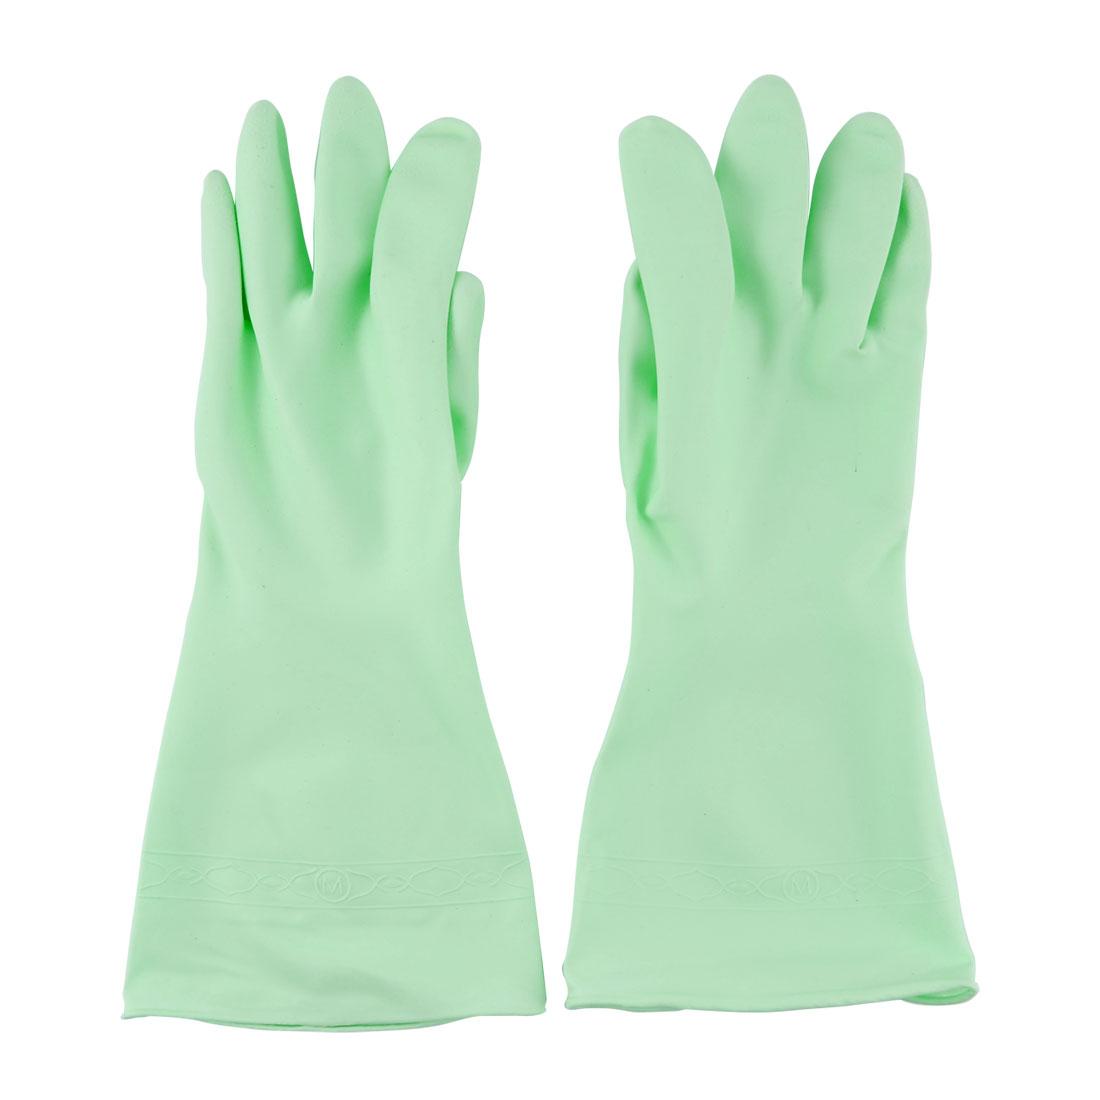 Housework Multi Purpose PVC Dishwashing Cleaning Gloves 22cm Girth M Green Pair